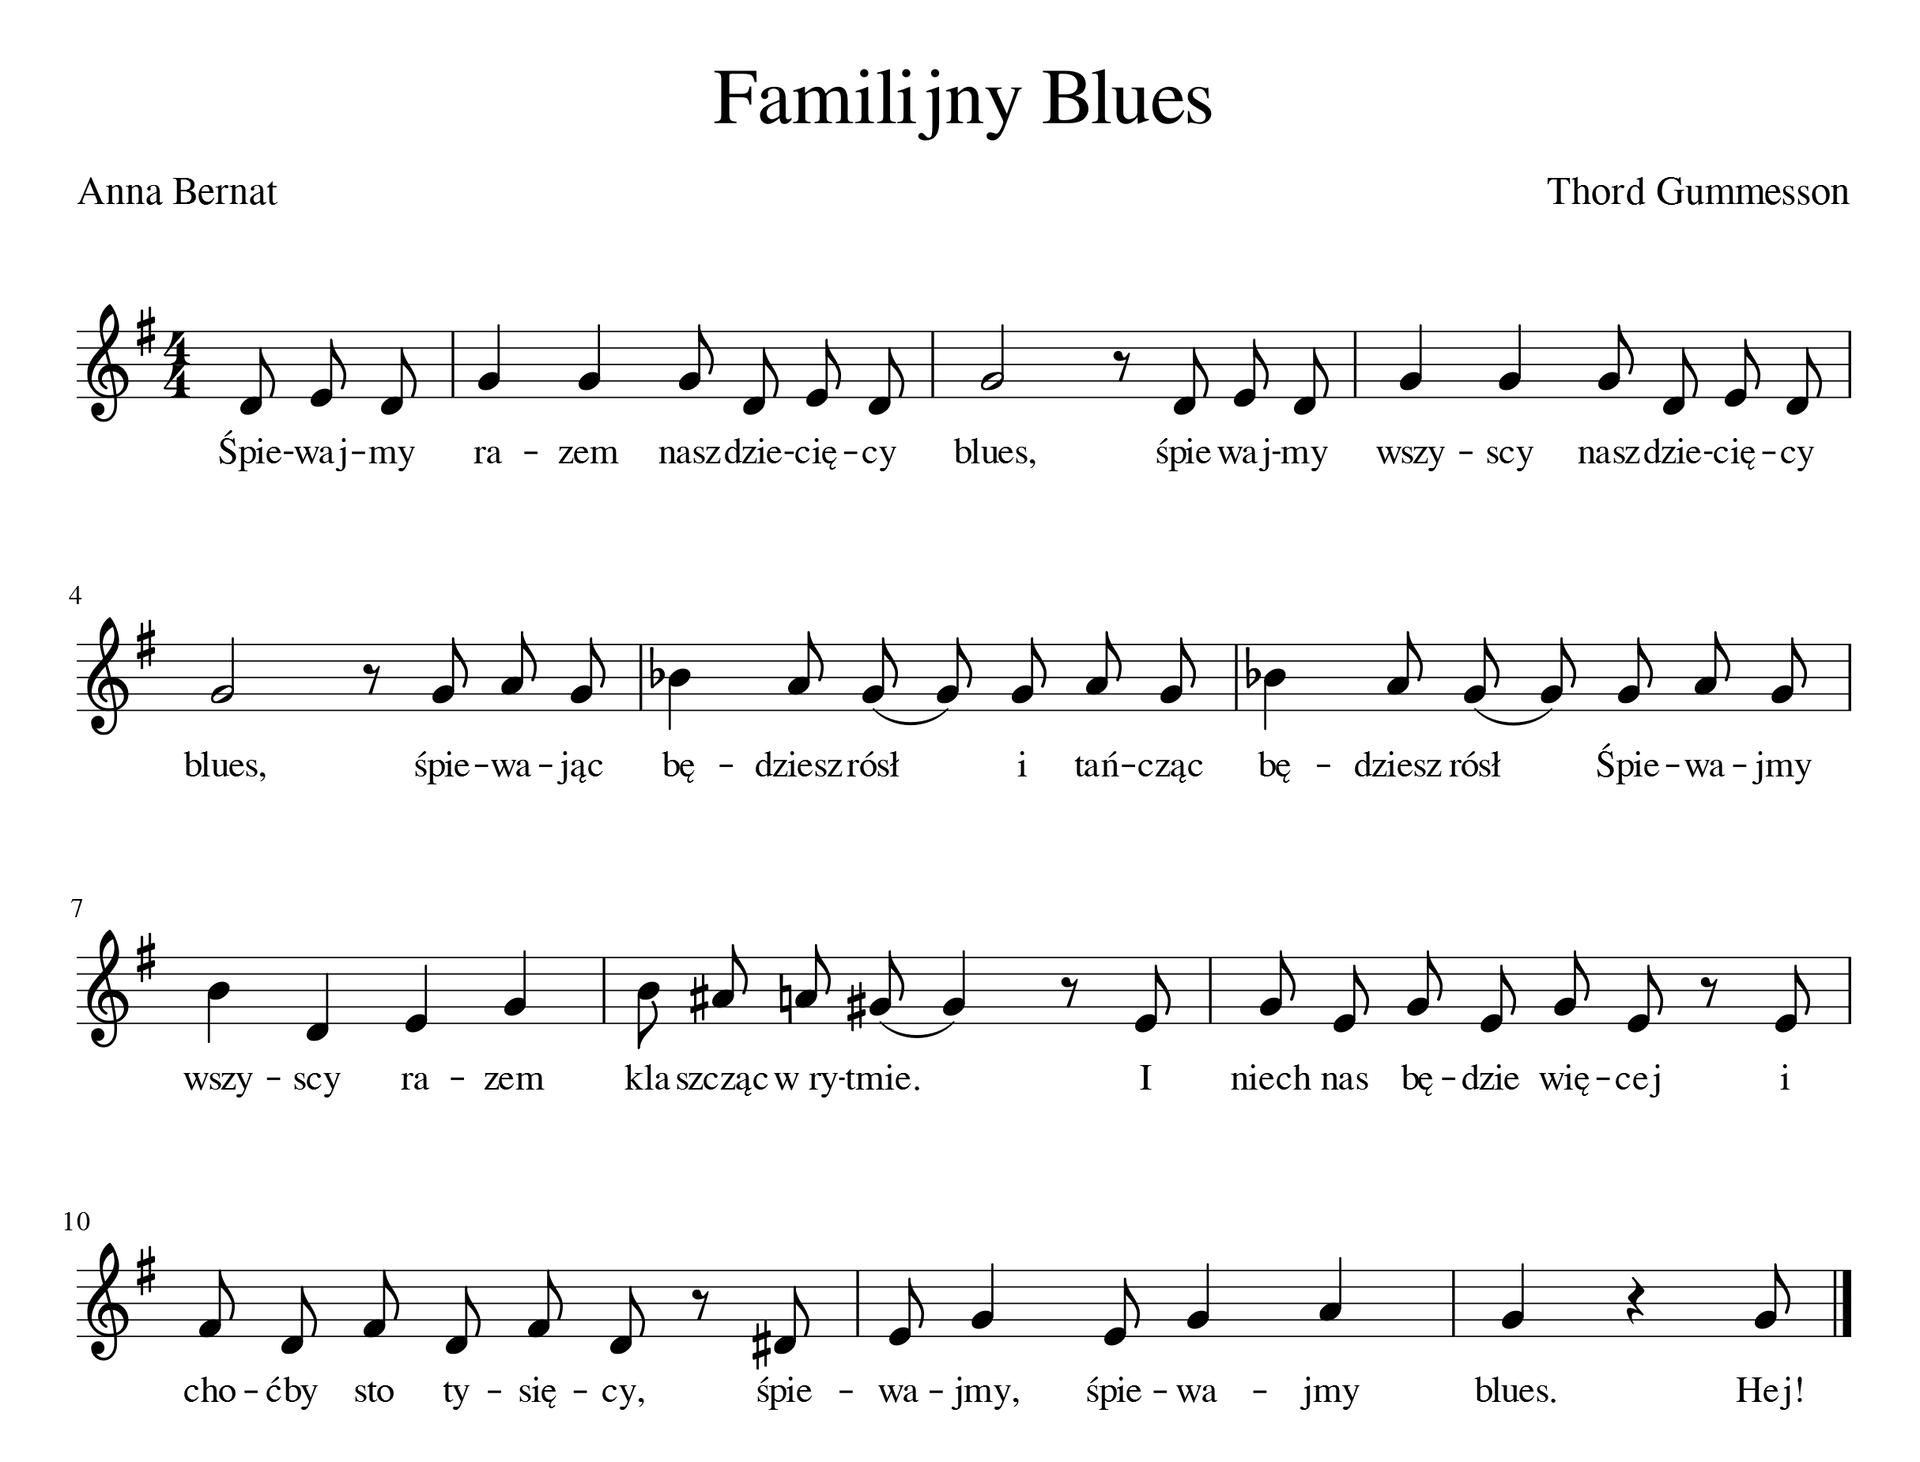 Zapis nutowy piosenki familijny blues. Piosenka wtonacji G-dur wmetrum cztery czwarte. Utwór rozpoczyna się przedtaktem składającym się ztrzech ósemek.